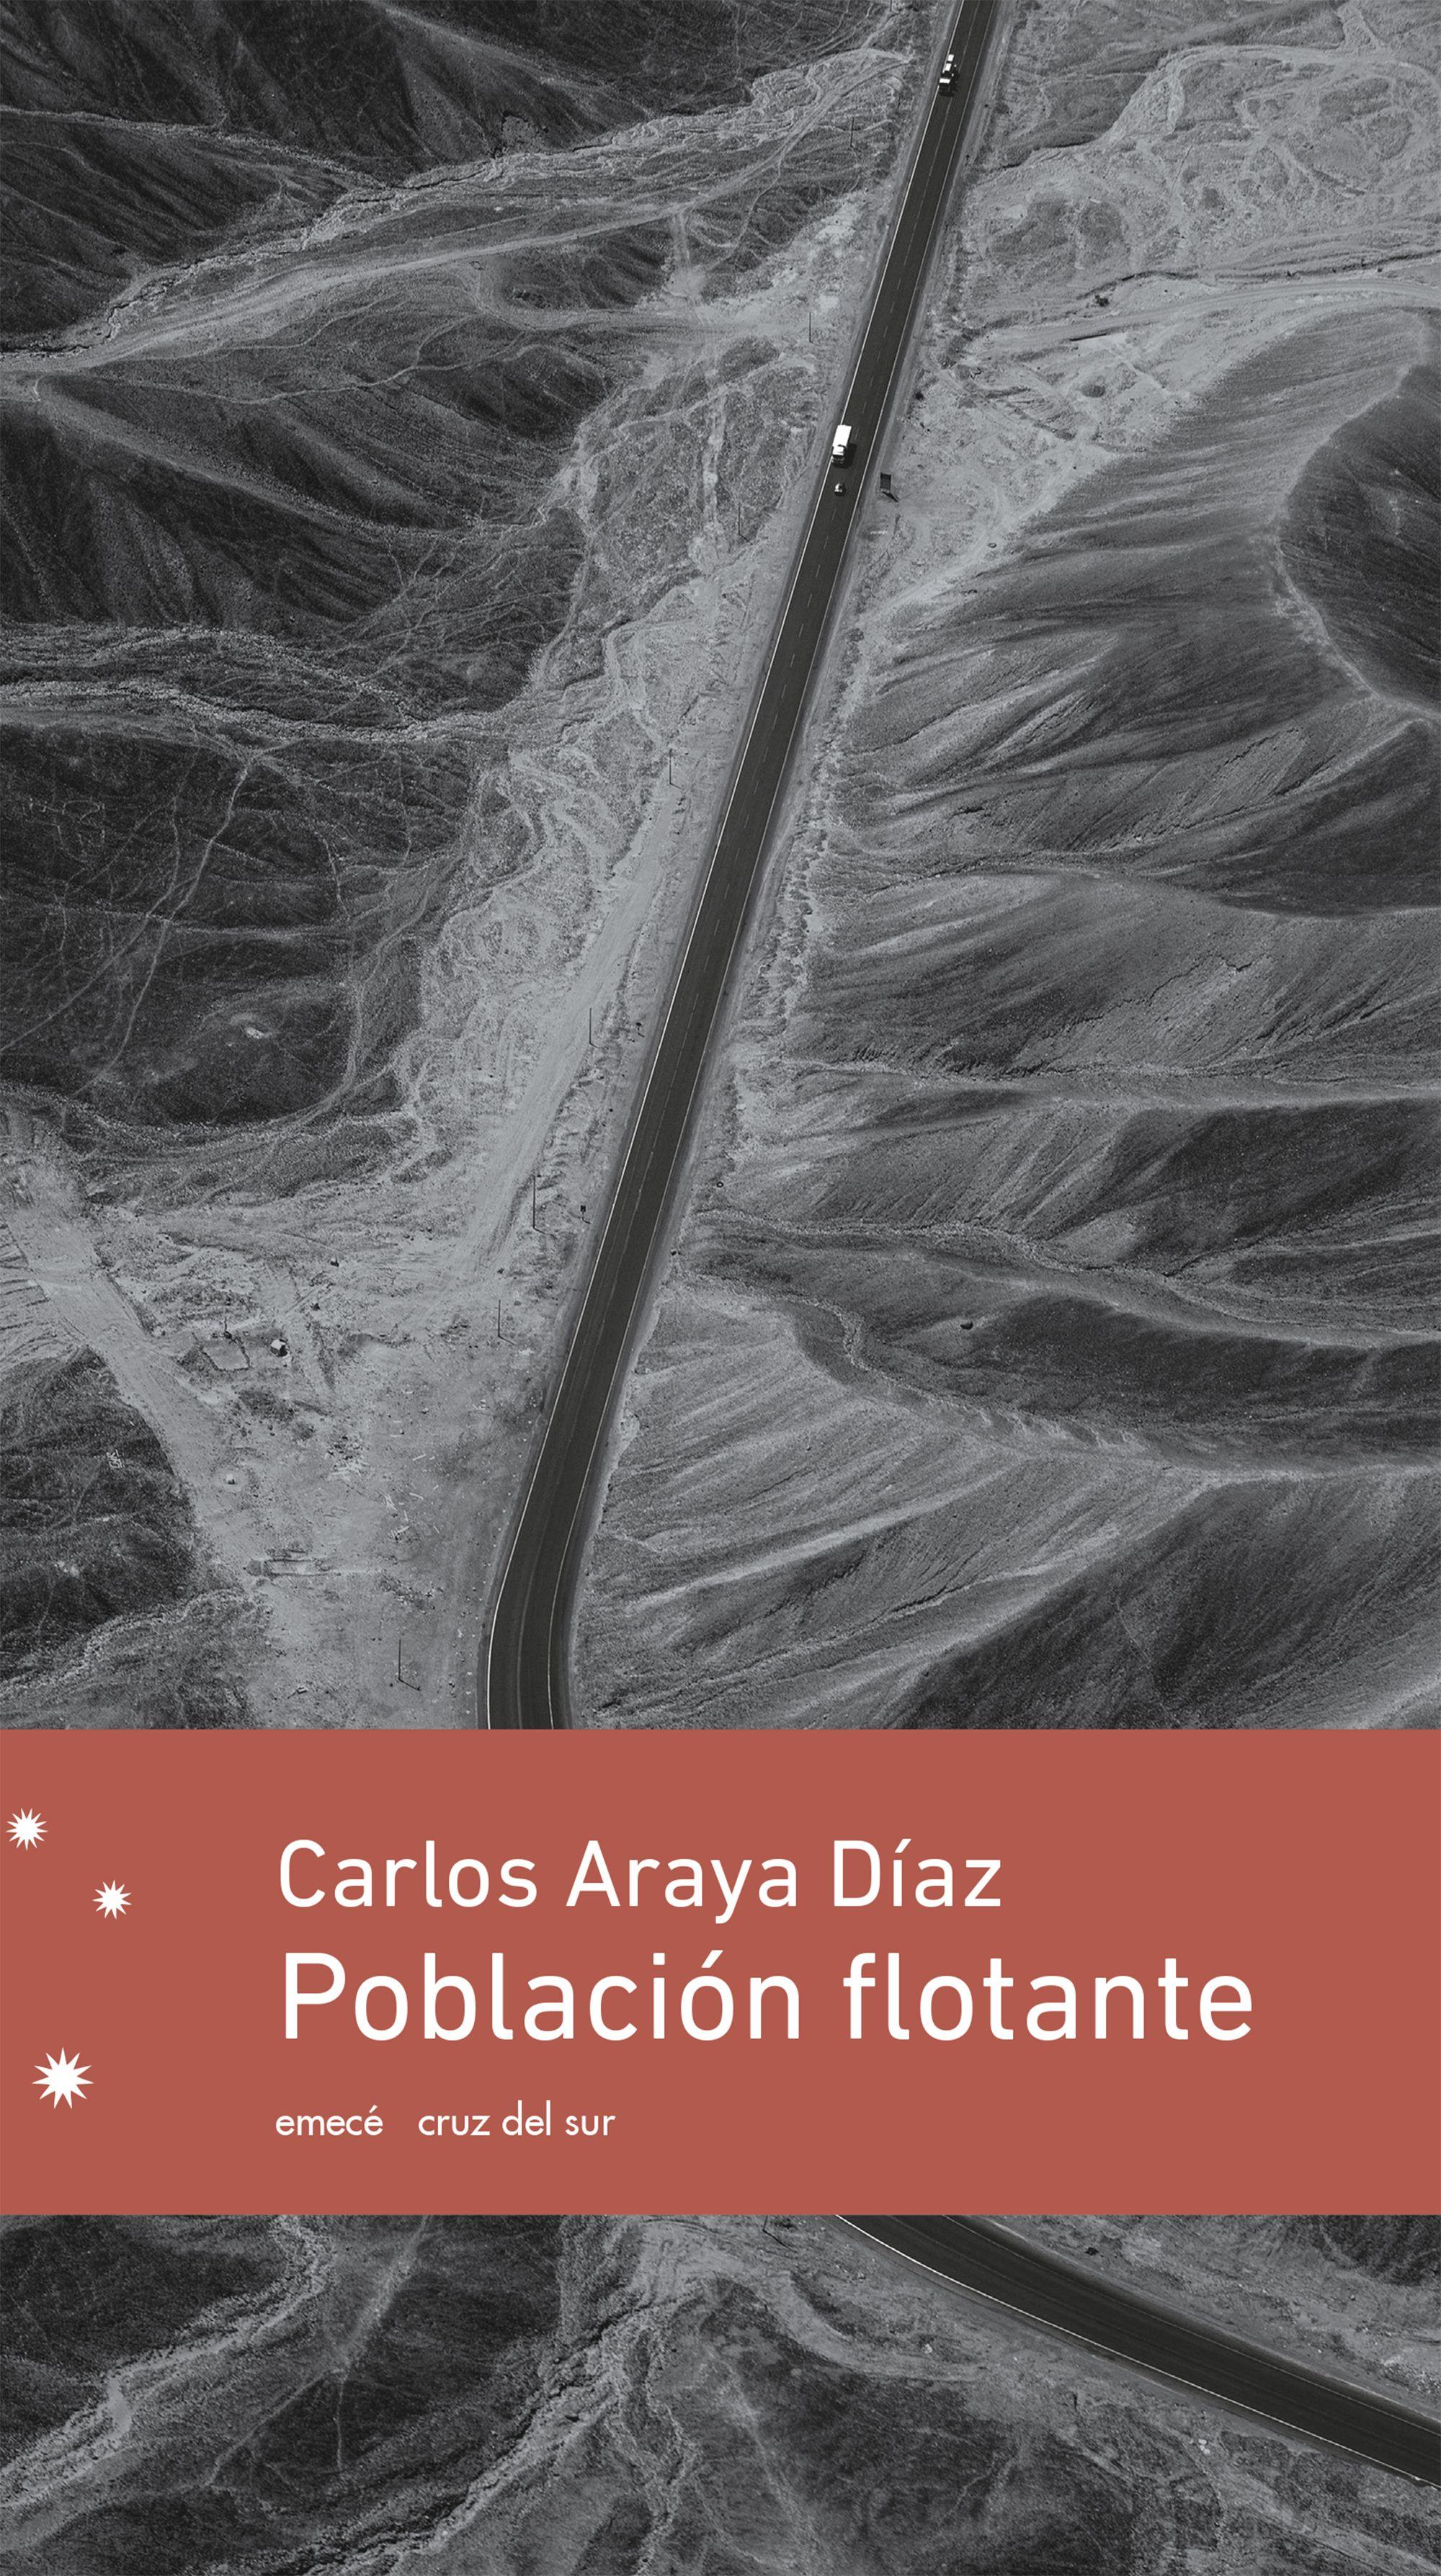 portada_poblacion-flotante_carlos-araya_201811261623